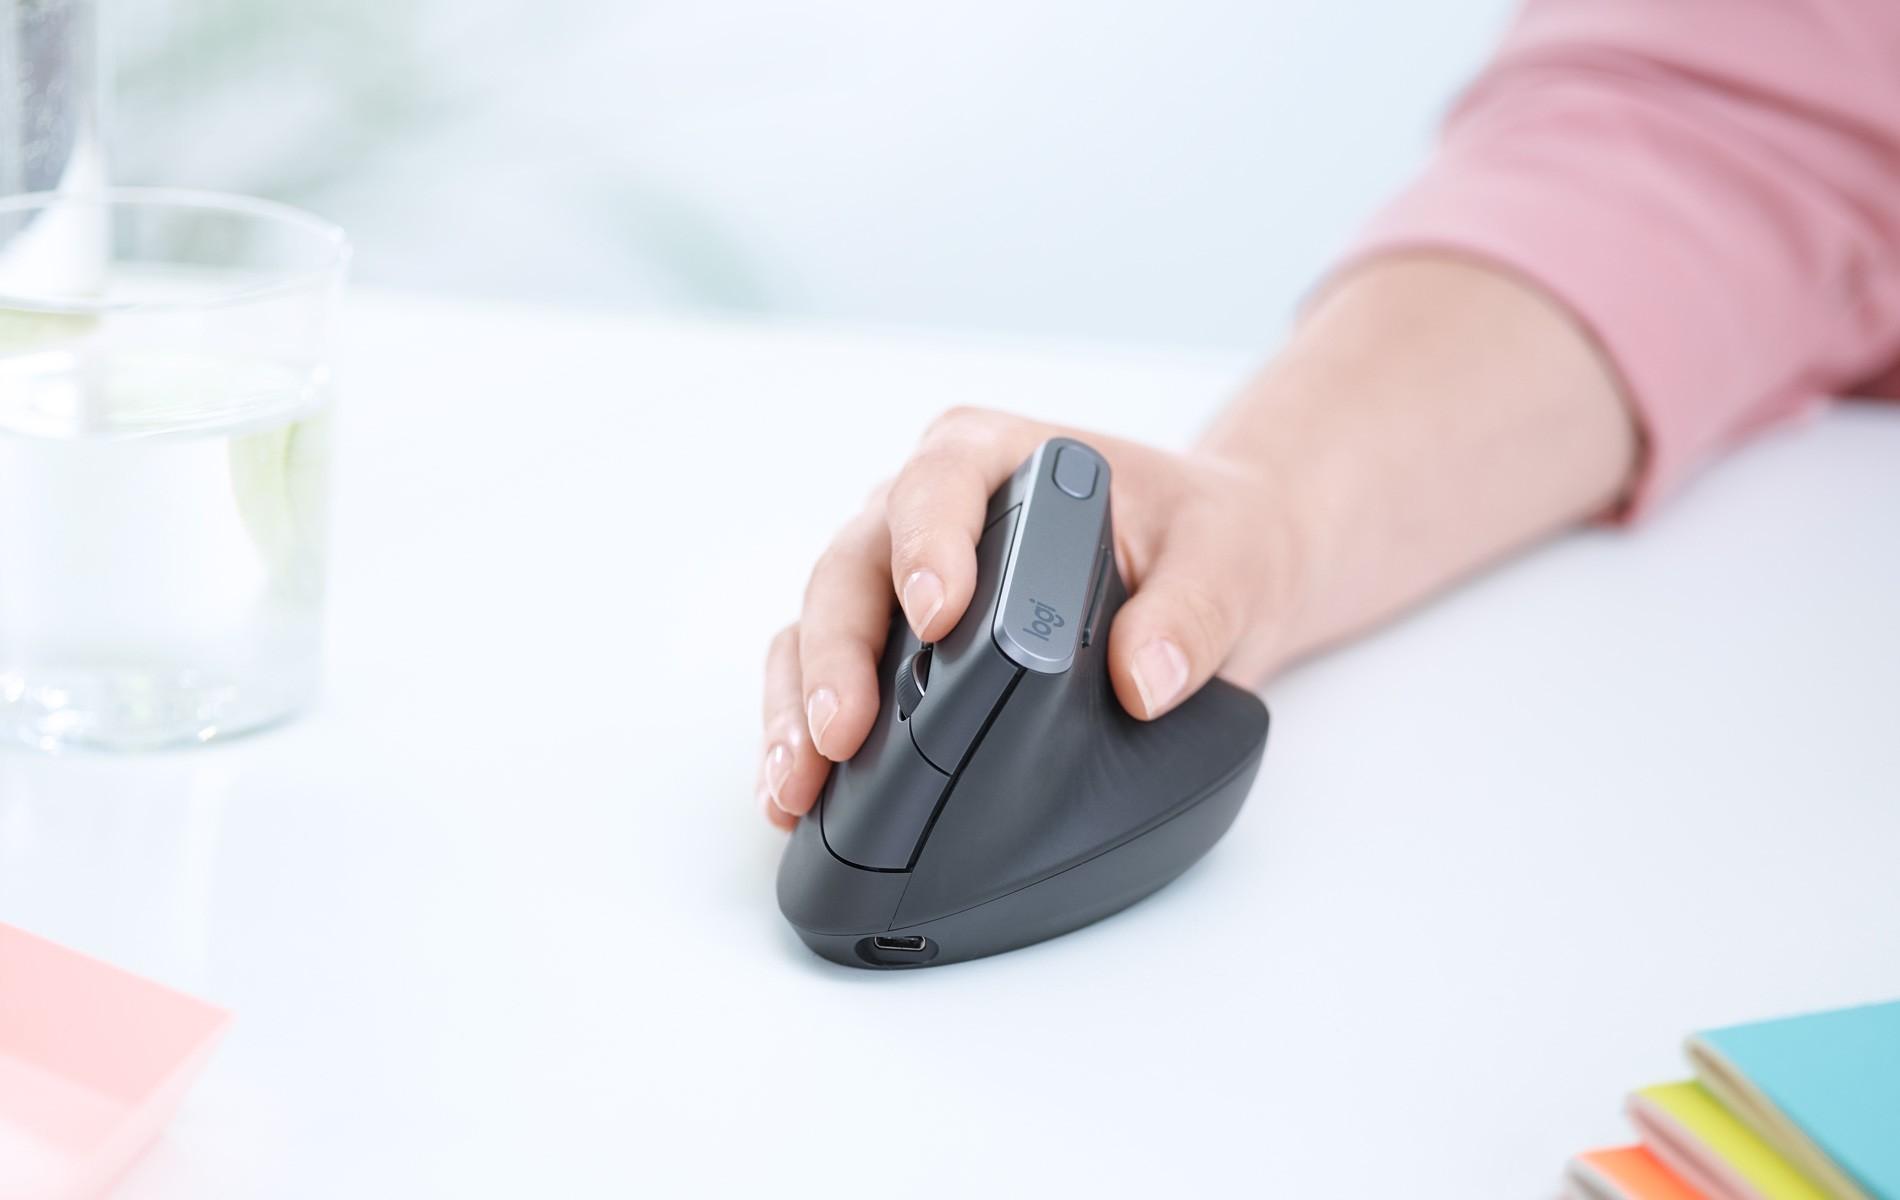 Invierte en salud: este ratón vertical cuidará tu muñeca y está hoy más barato que nunca